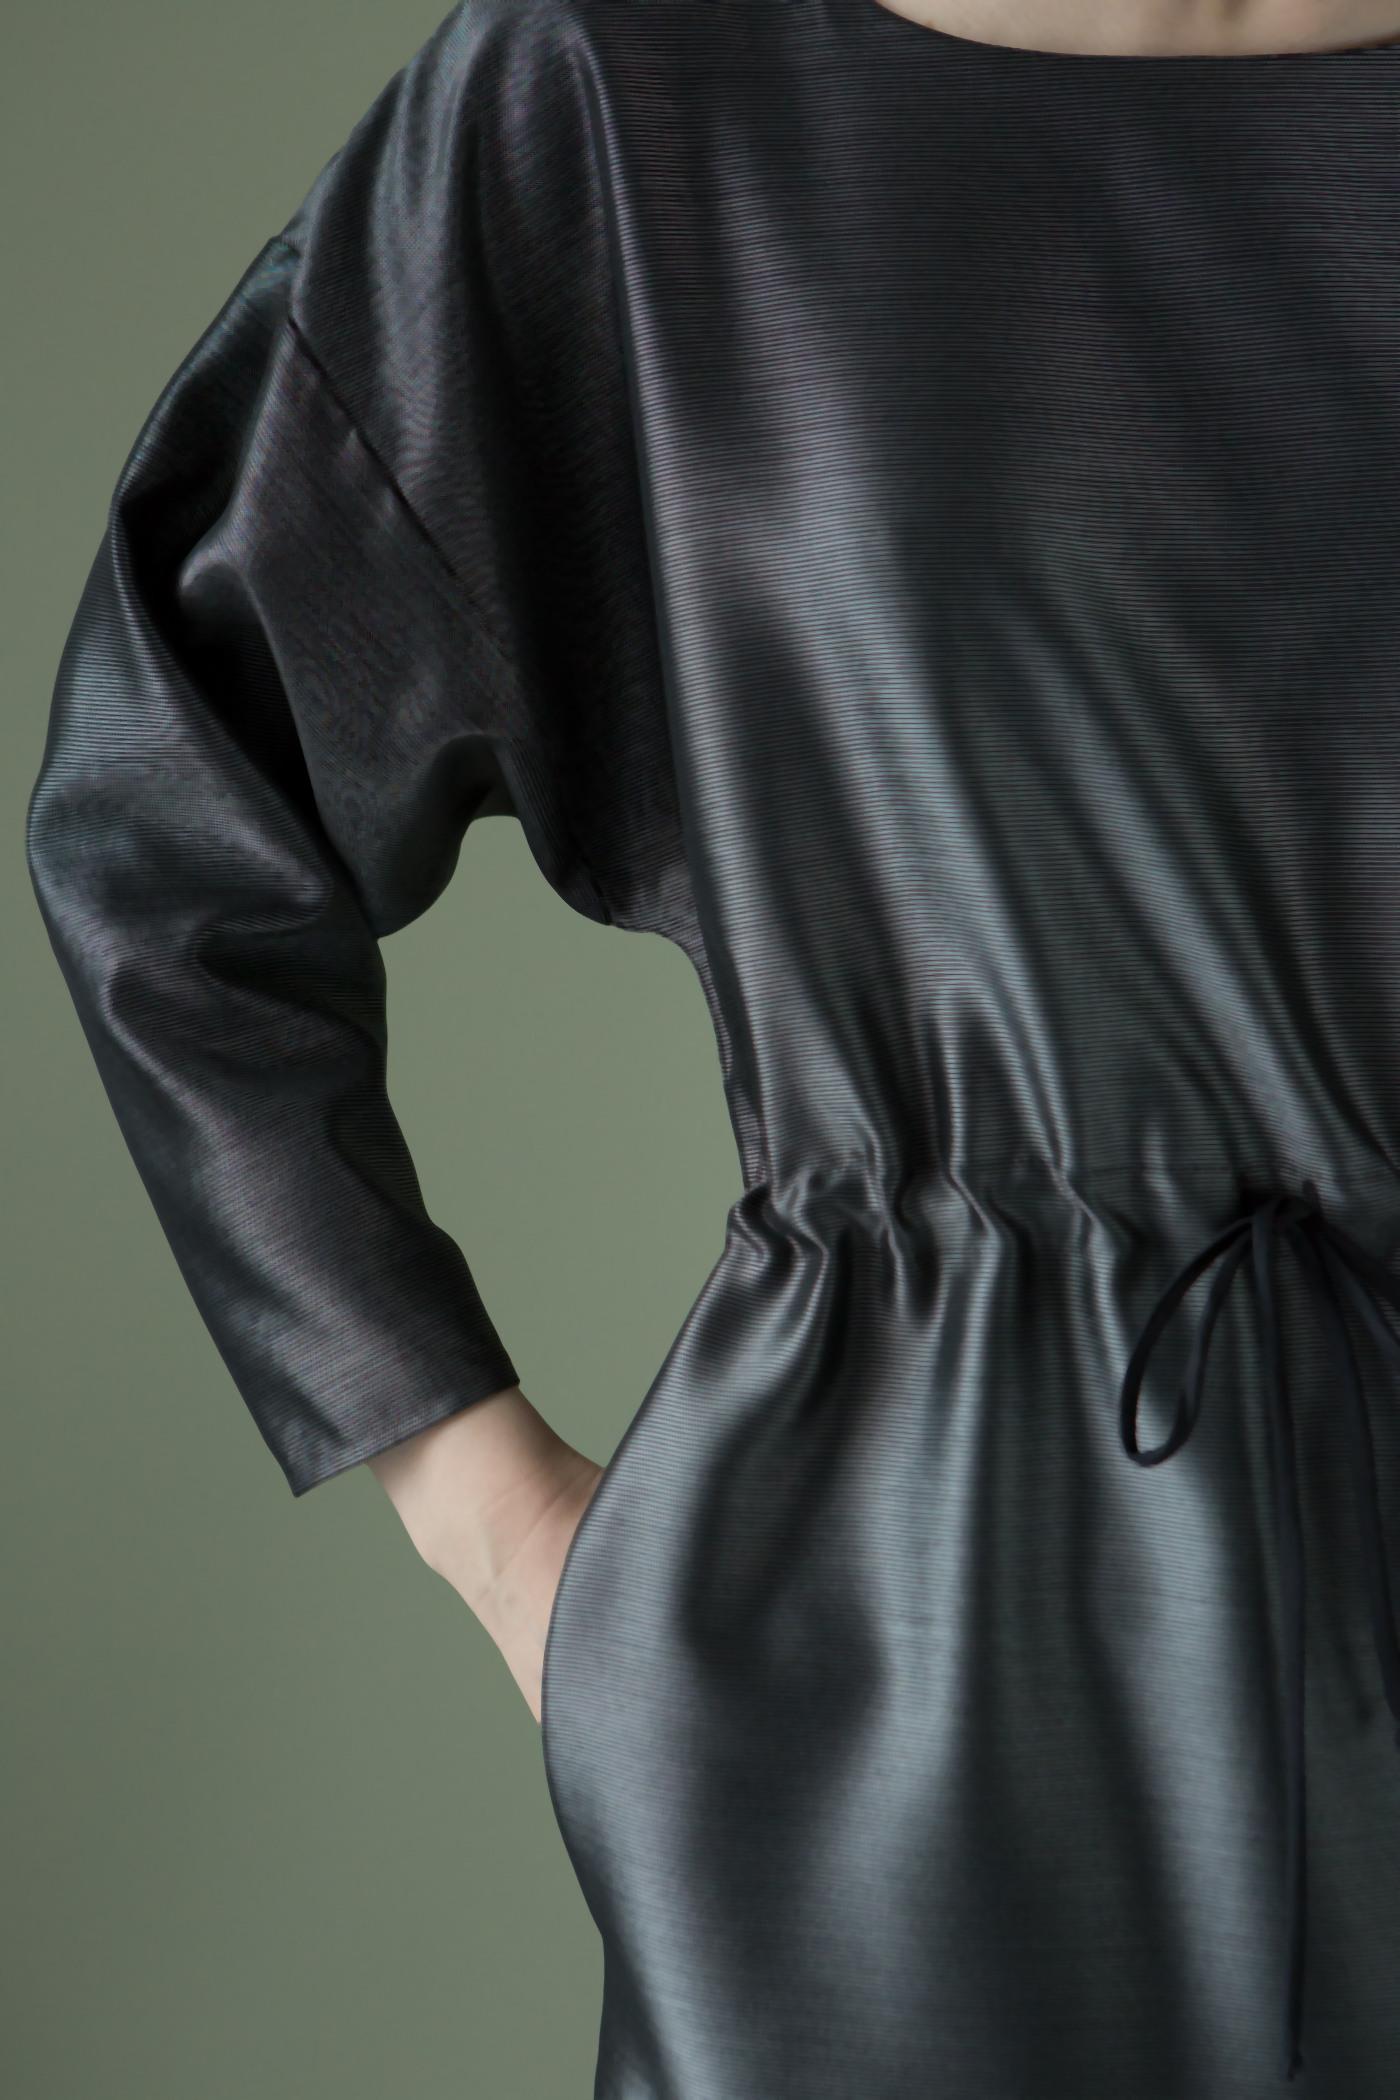 Платье металликПлатье прямого силуэта длиной до колена.&#13;<br>&#13;<br>&#13;<br>По талии кулиска со шнуром, что обеспечивает легкое прилегание в области талии создавая драпировку.&#13;<br>&#13;<br>В боковых швах на уровне бедер карманы.&#13;<br>&#13;<br>Рукава свободной трапециевидной формы. Пройма спущена.&#13;<br>&#13;<br>&#13;<br>Длина изделия на рост 158-164 см - 92 см; на рост 164-170 см - 95 см; на рост 170-176 см - 98 см.&#13;<br>&#13;<br>Длина рукава на рост 164-170 см - 39 см,<br><br>Цвет: Серый<br>Размер: XS/S, M/L<br>Ростовка: 158 -164, 164 -170, 170 -176